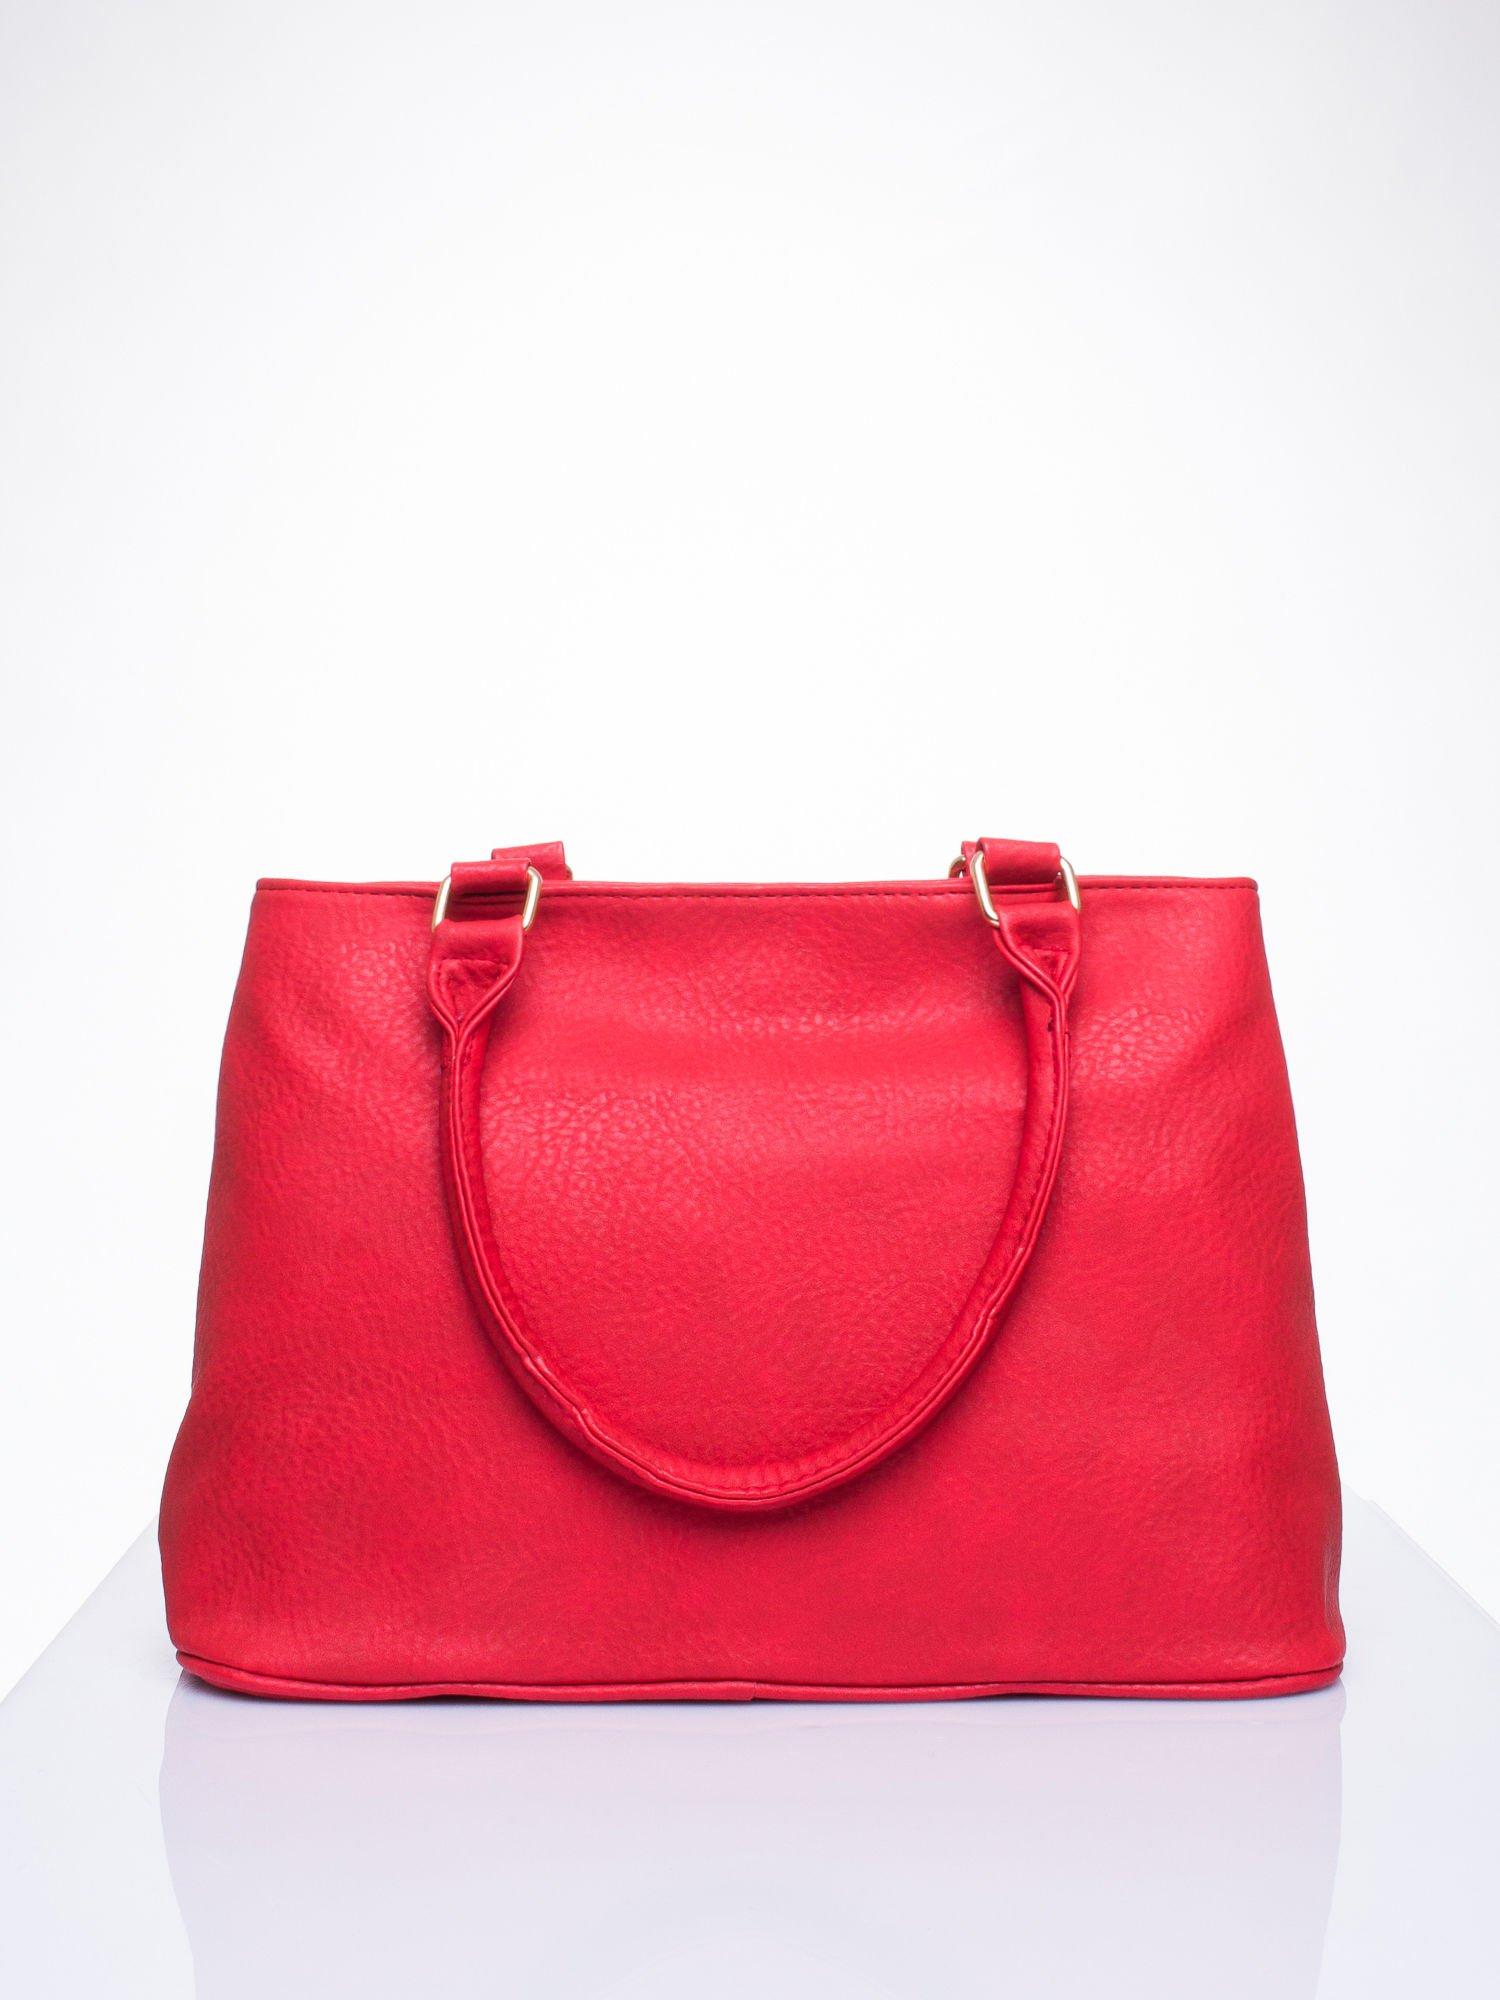 Czarwona torba miejska na ramię                                  zdj.                                  4